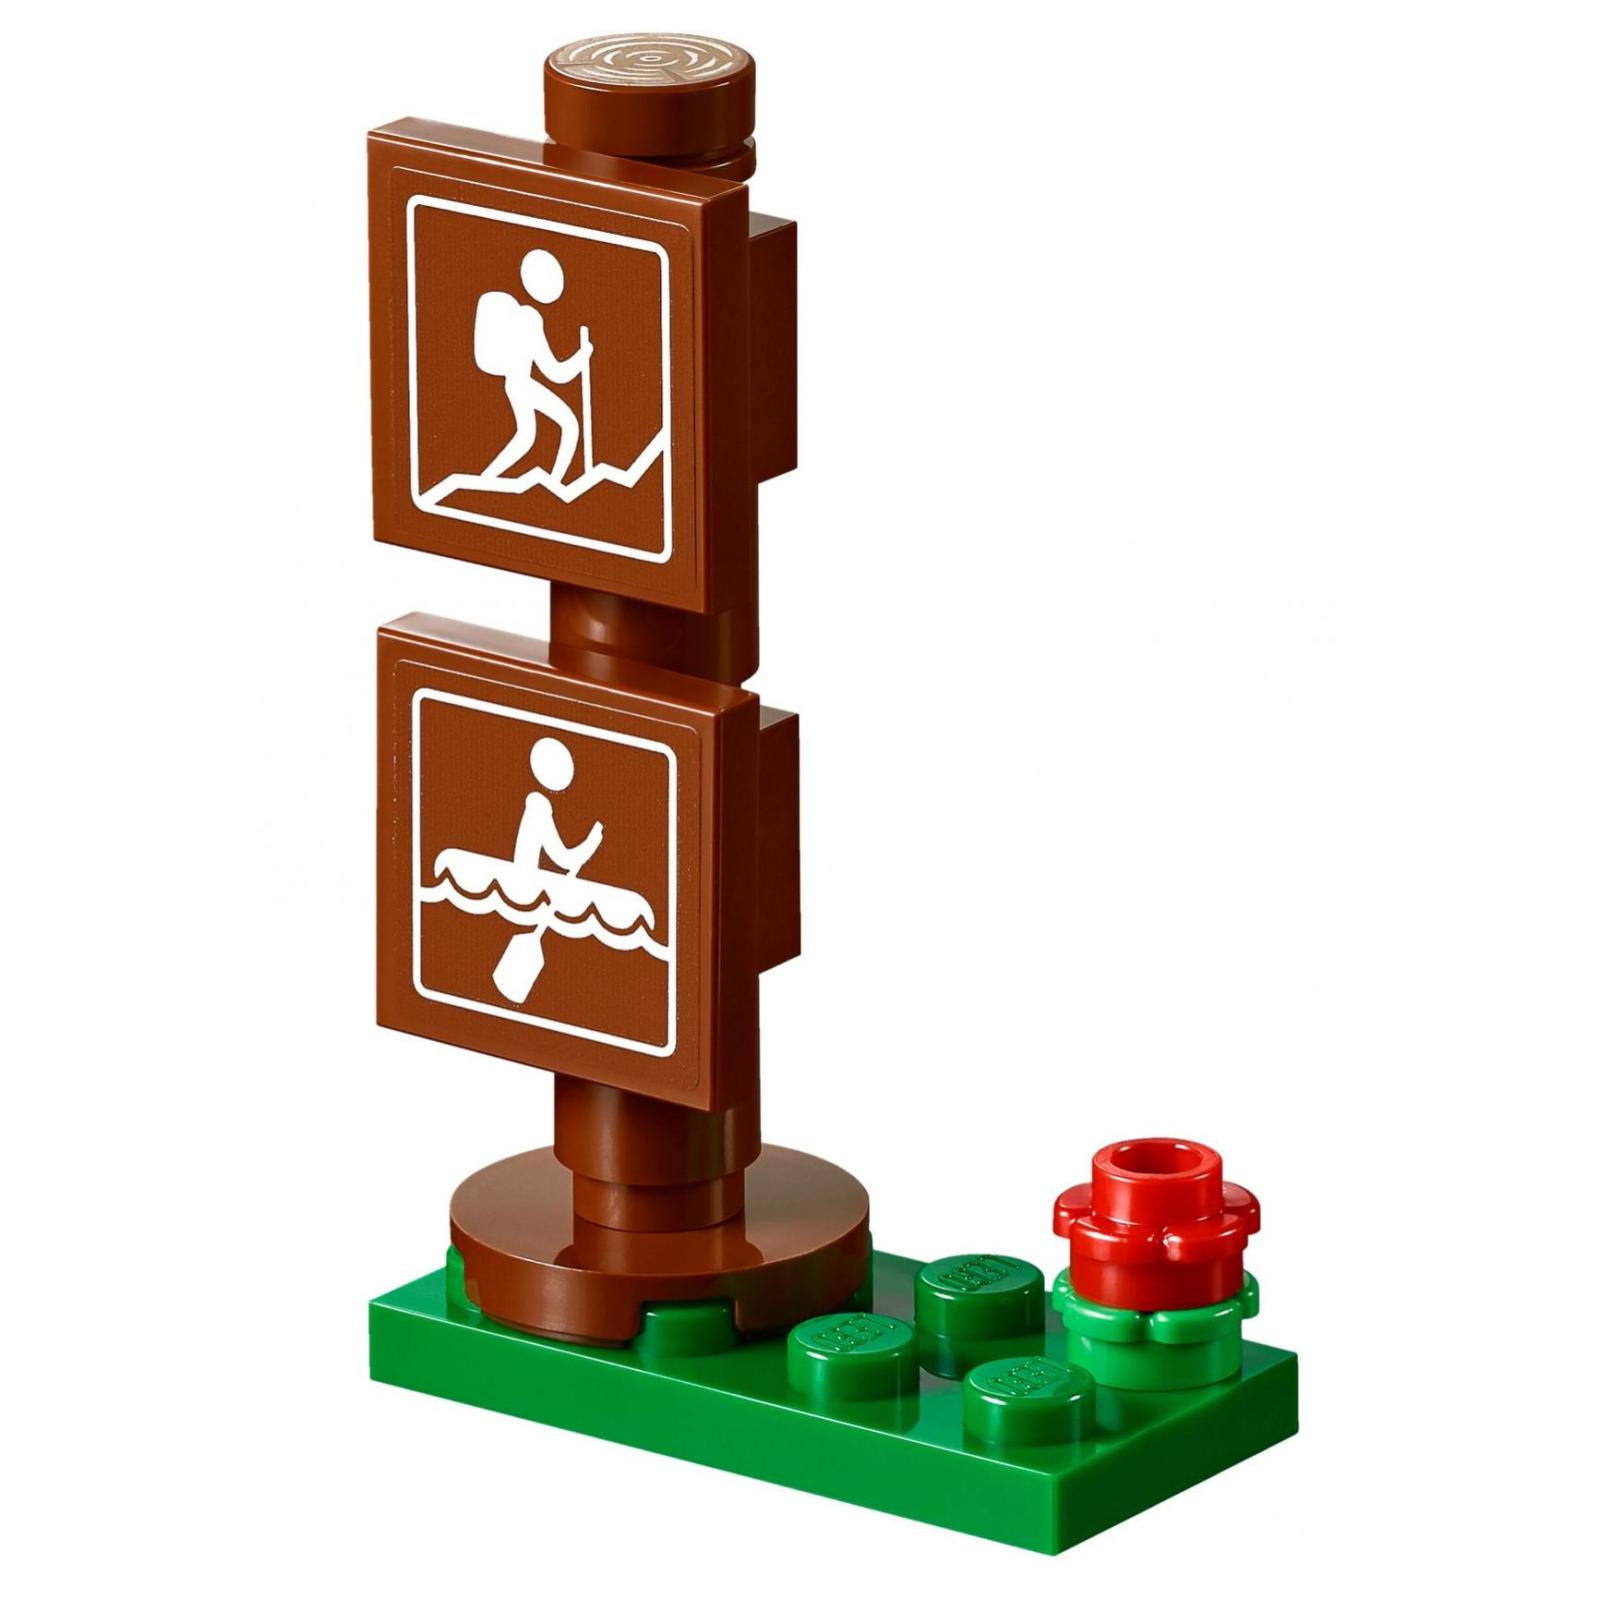 Конструктор LEGO Friends Дом на колесах Мии (41339) изображение 8